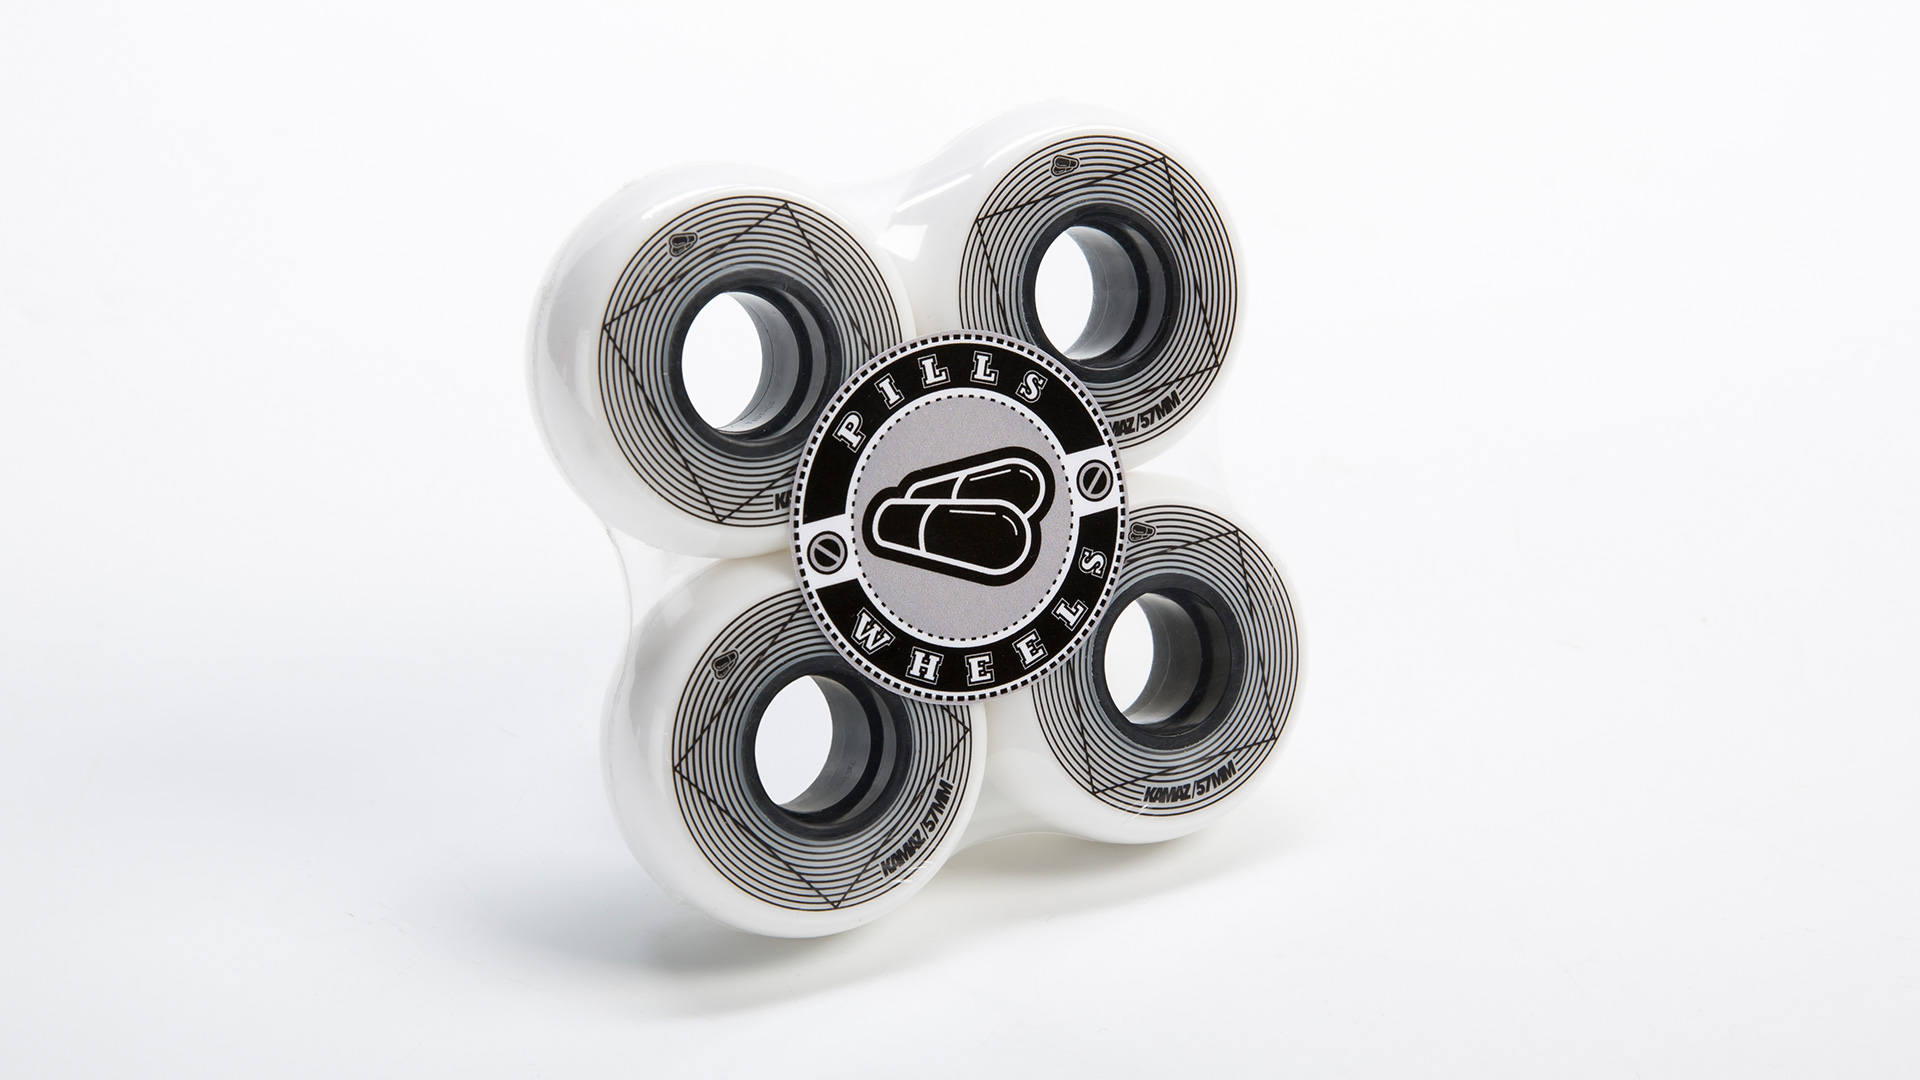 колеса для роликов Kamaz 57 мм 90А в упаковке